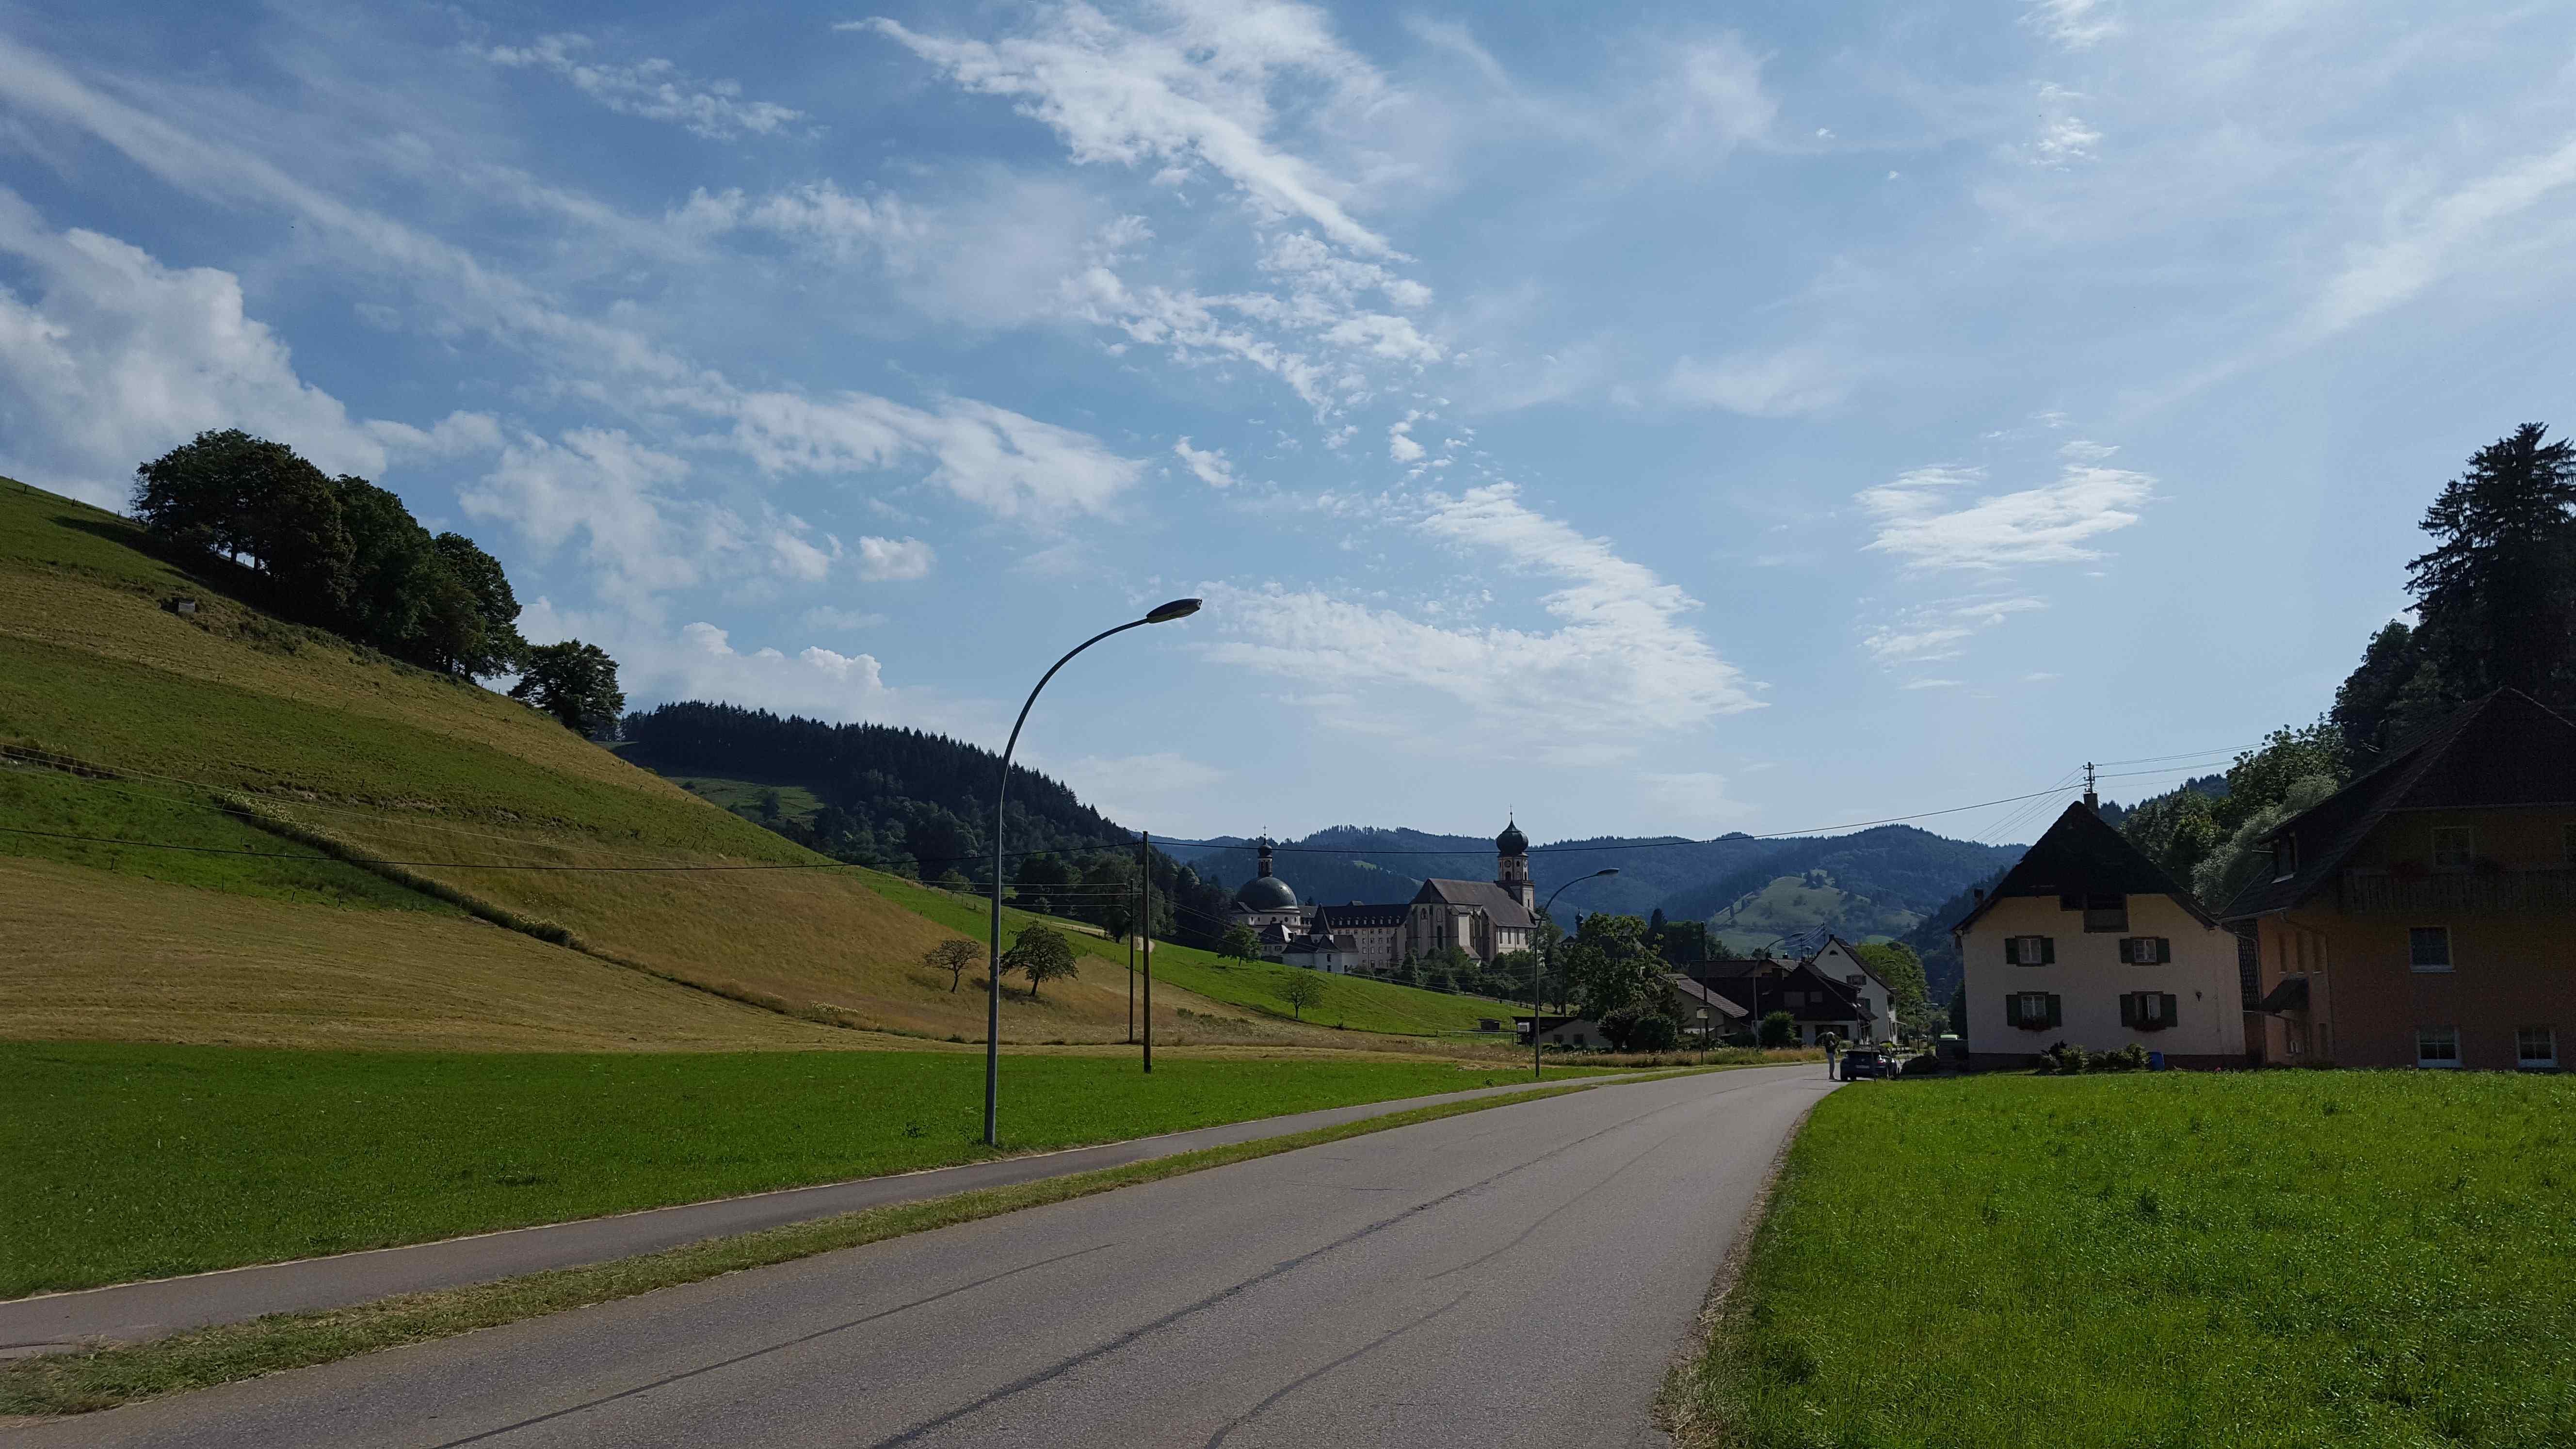 Benediktinerkloster St. Strudbert, Blick von der Hauptstraße Münstertal